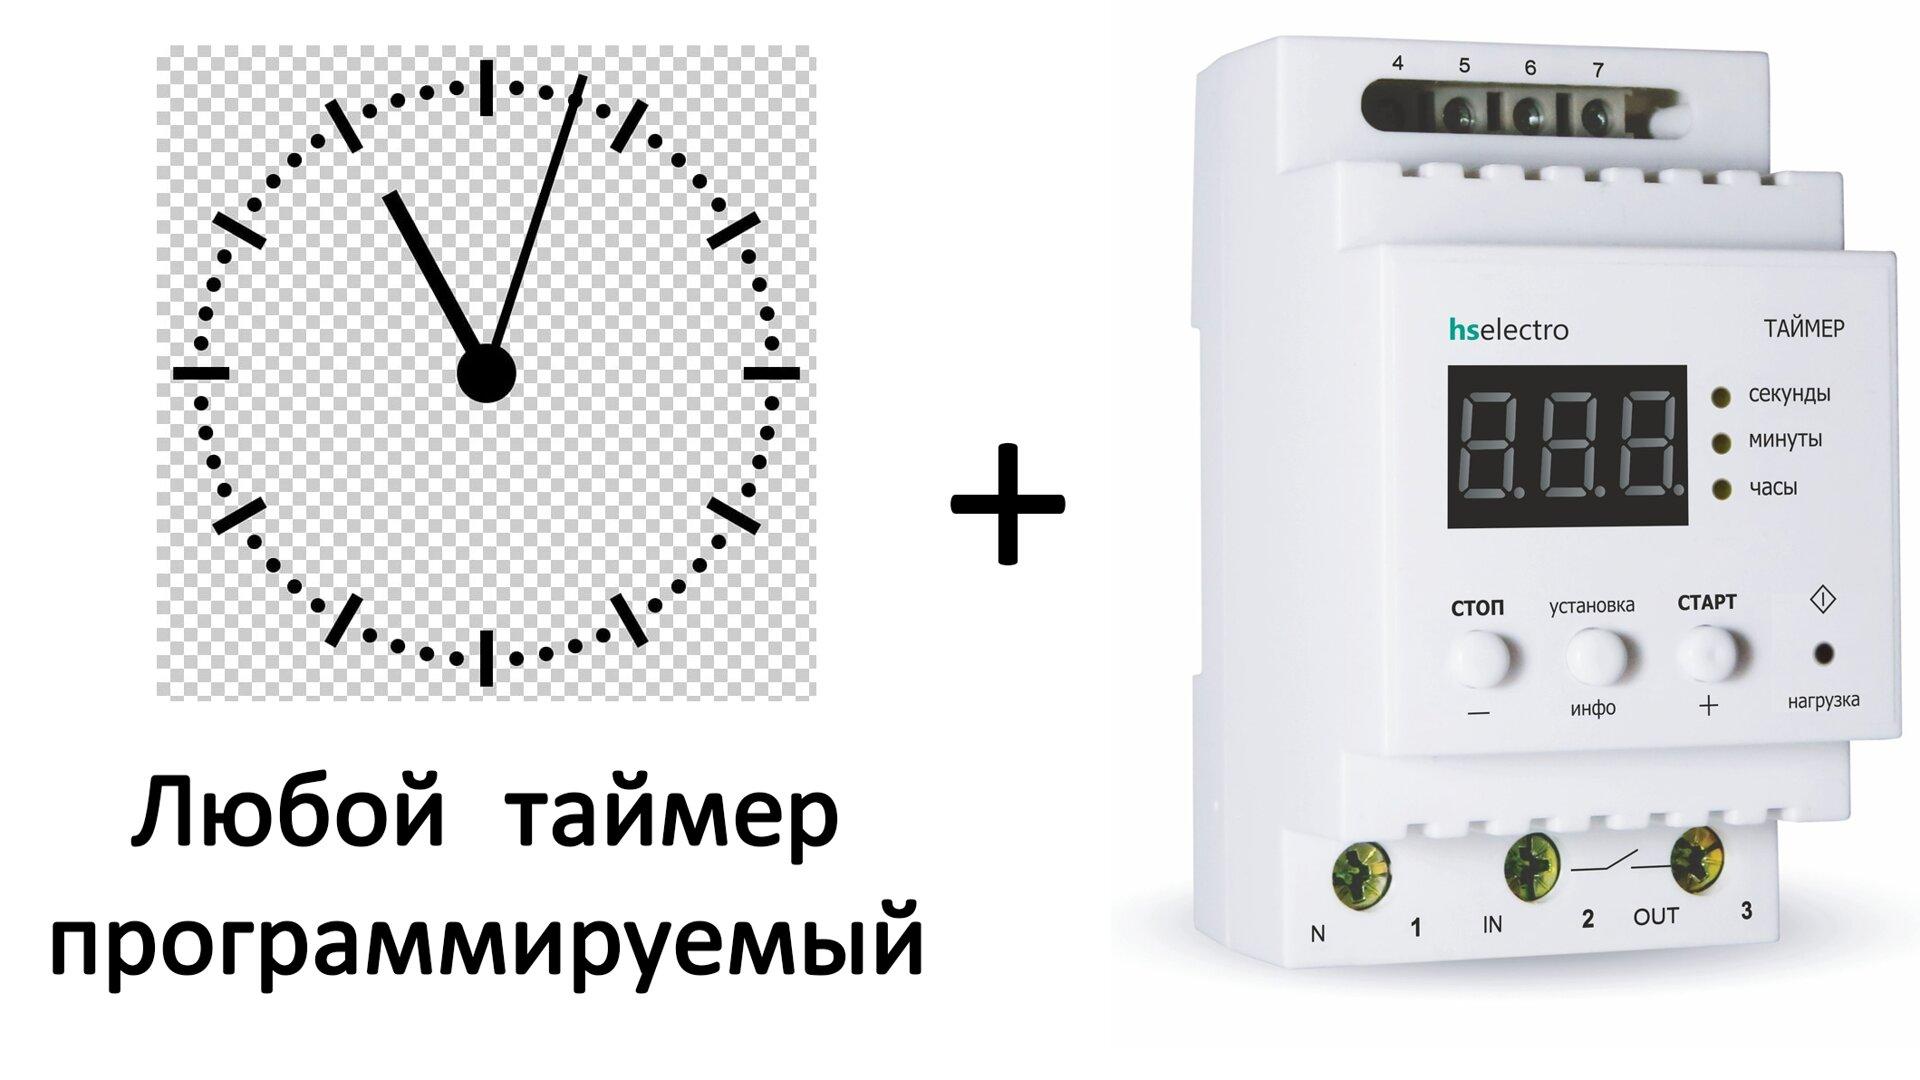 Таймер циклический + реального времени .jpg